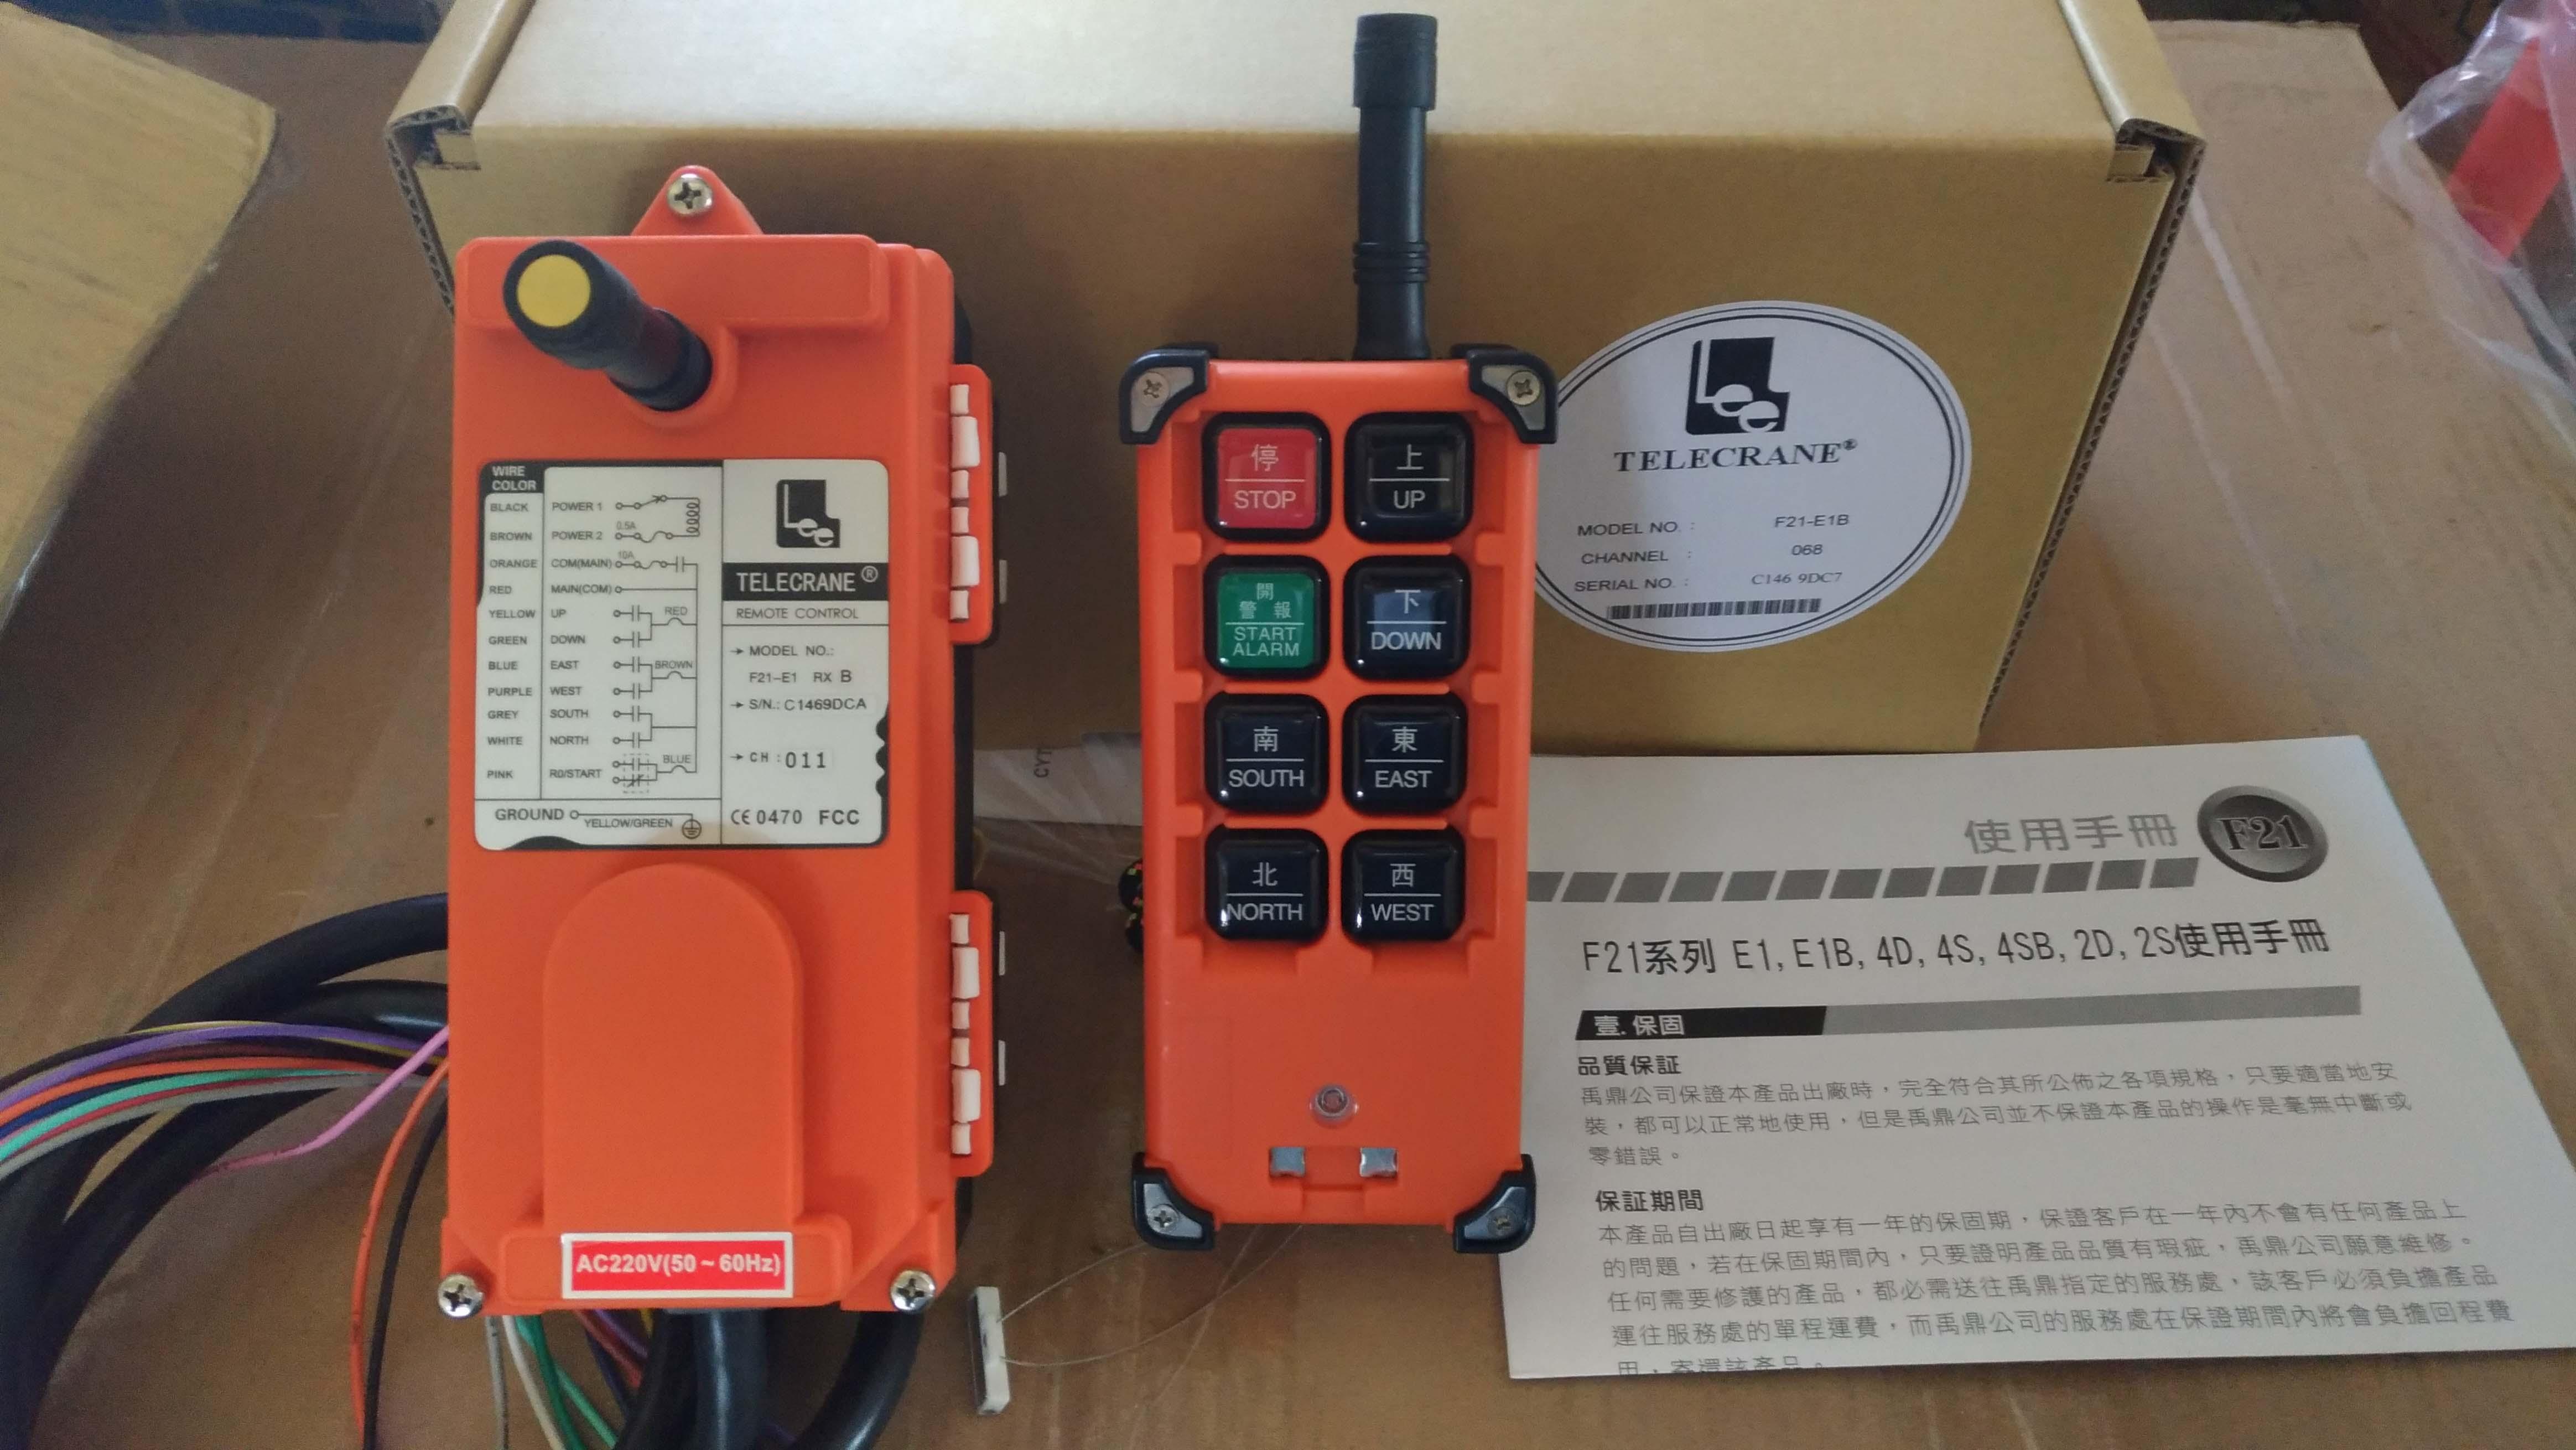 天車遙控器 無線遙控器 天車 吊車 鋼索 小金剛 捲揚機 F21-B1